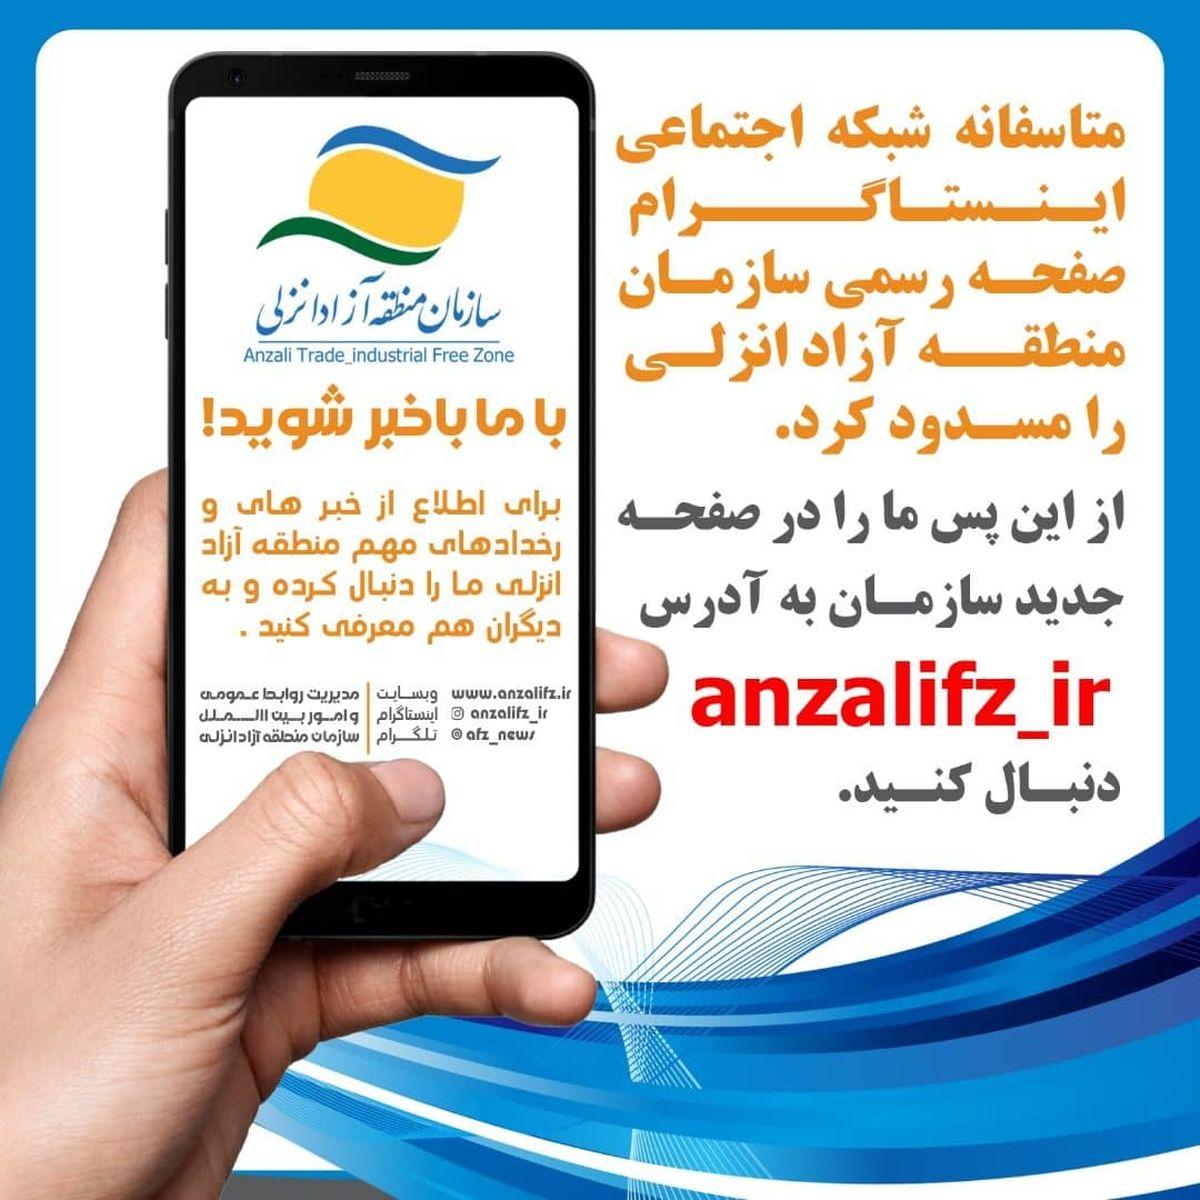 صفحه اینستاگرام سازمان منطقه آزاد انزلی مسدود شد